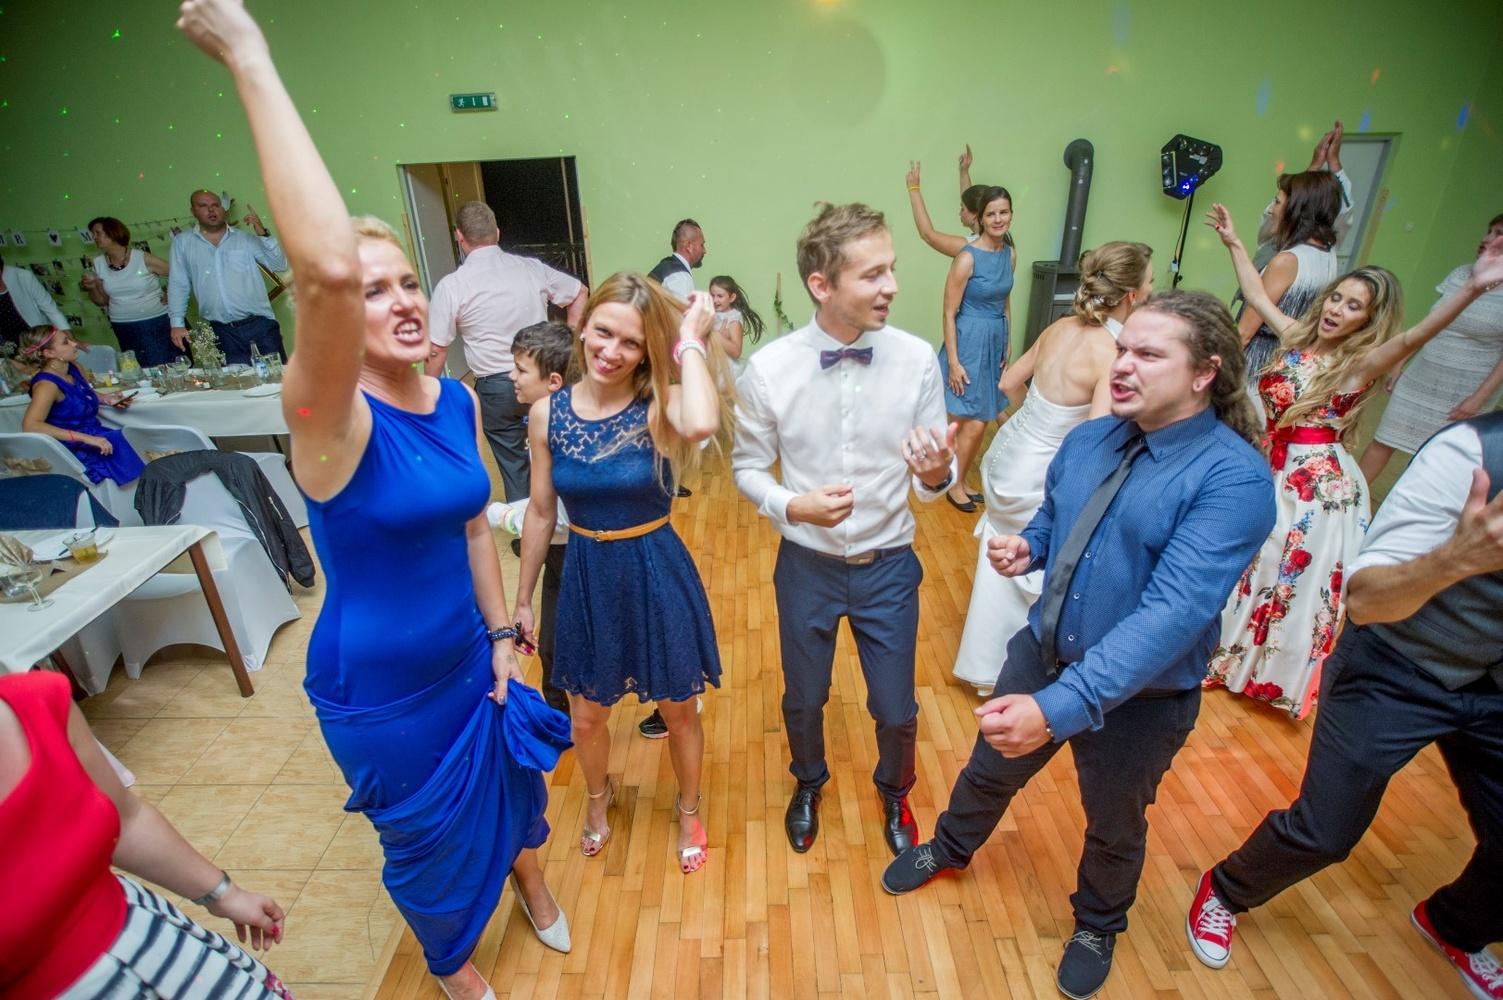 http://www.fotoz.sk/images/gallery-8/normal/eskuvoi-fotos_svadobny-fotograf_576.jpg